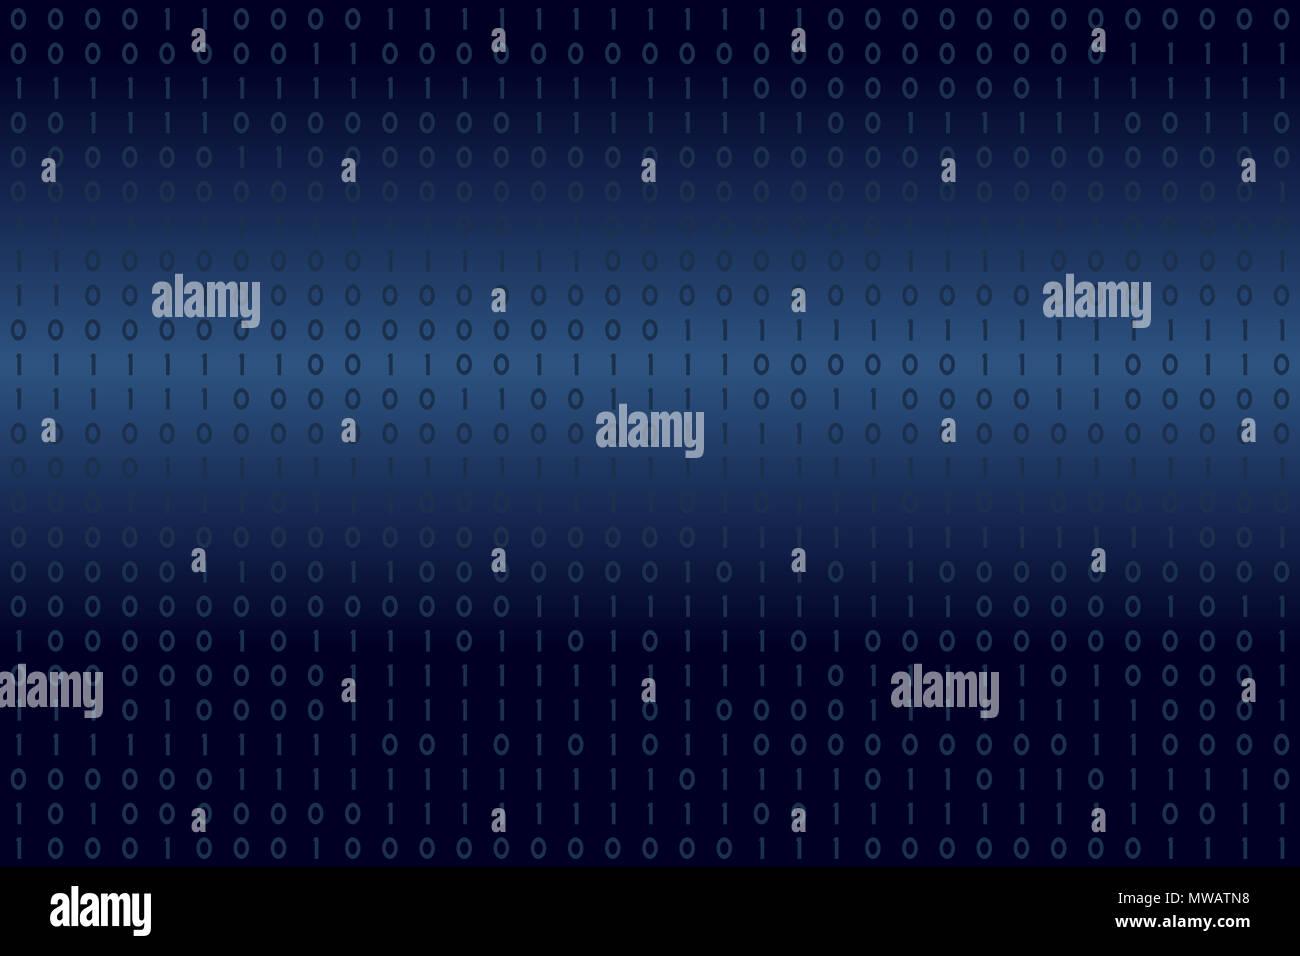 Digitale binäre Daten auf Blau und Weiß Farbverlauf Hintergrund. Moderne, Wissenschaft, Technik, Computer Viren, Hacking, Network im Cyberspace Konzepte. Stockbild